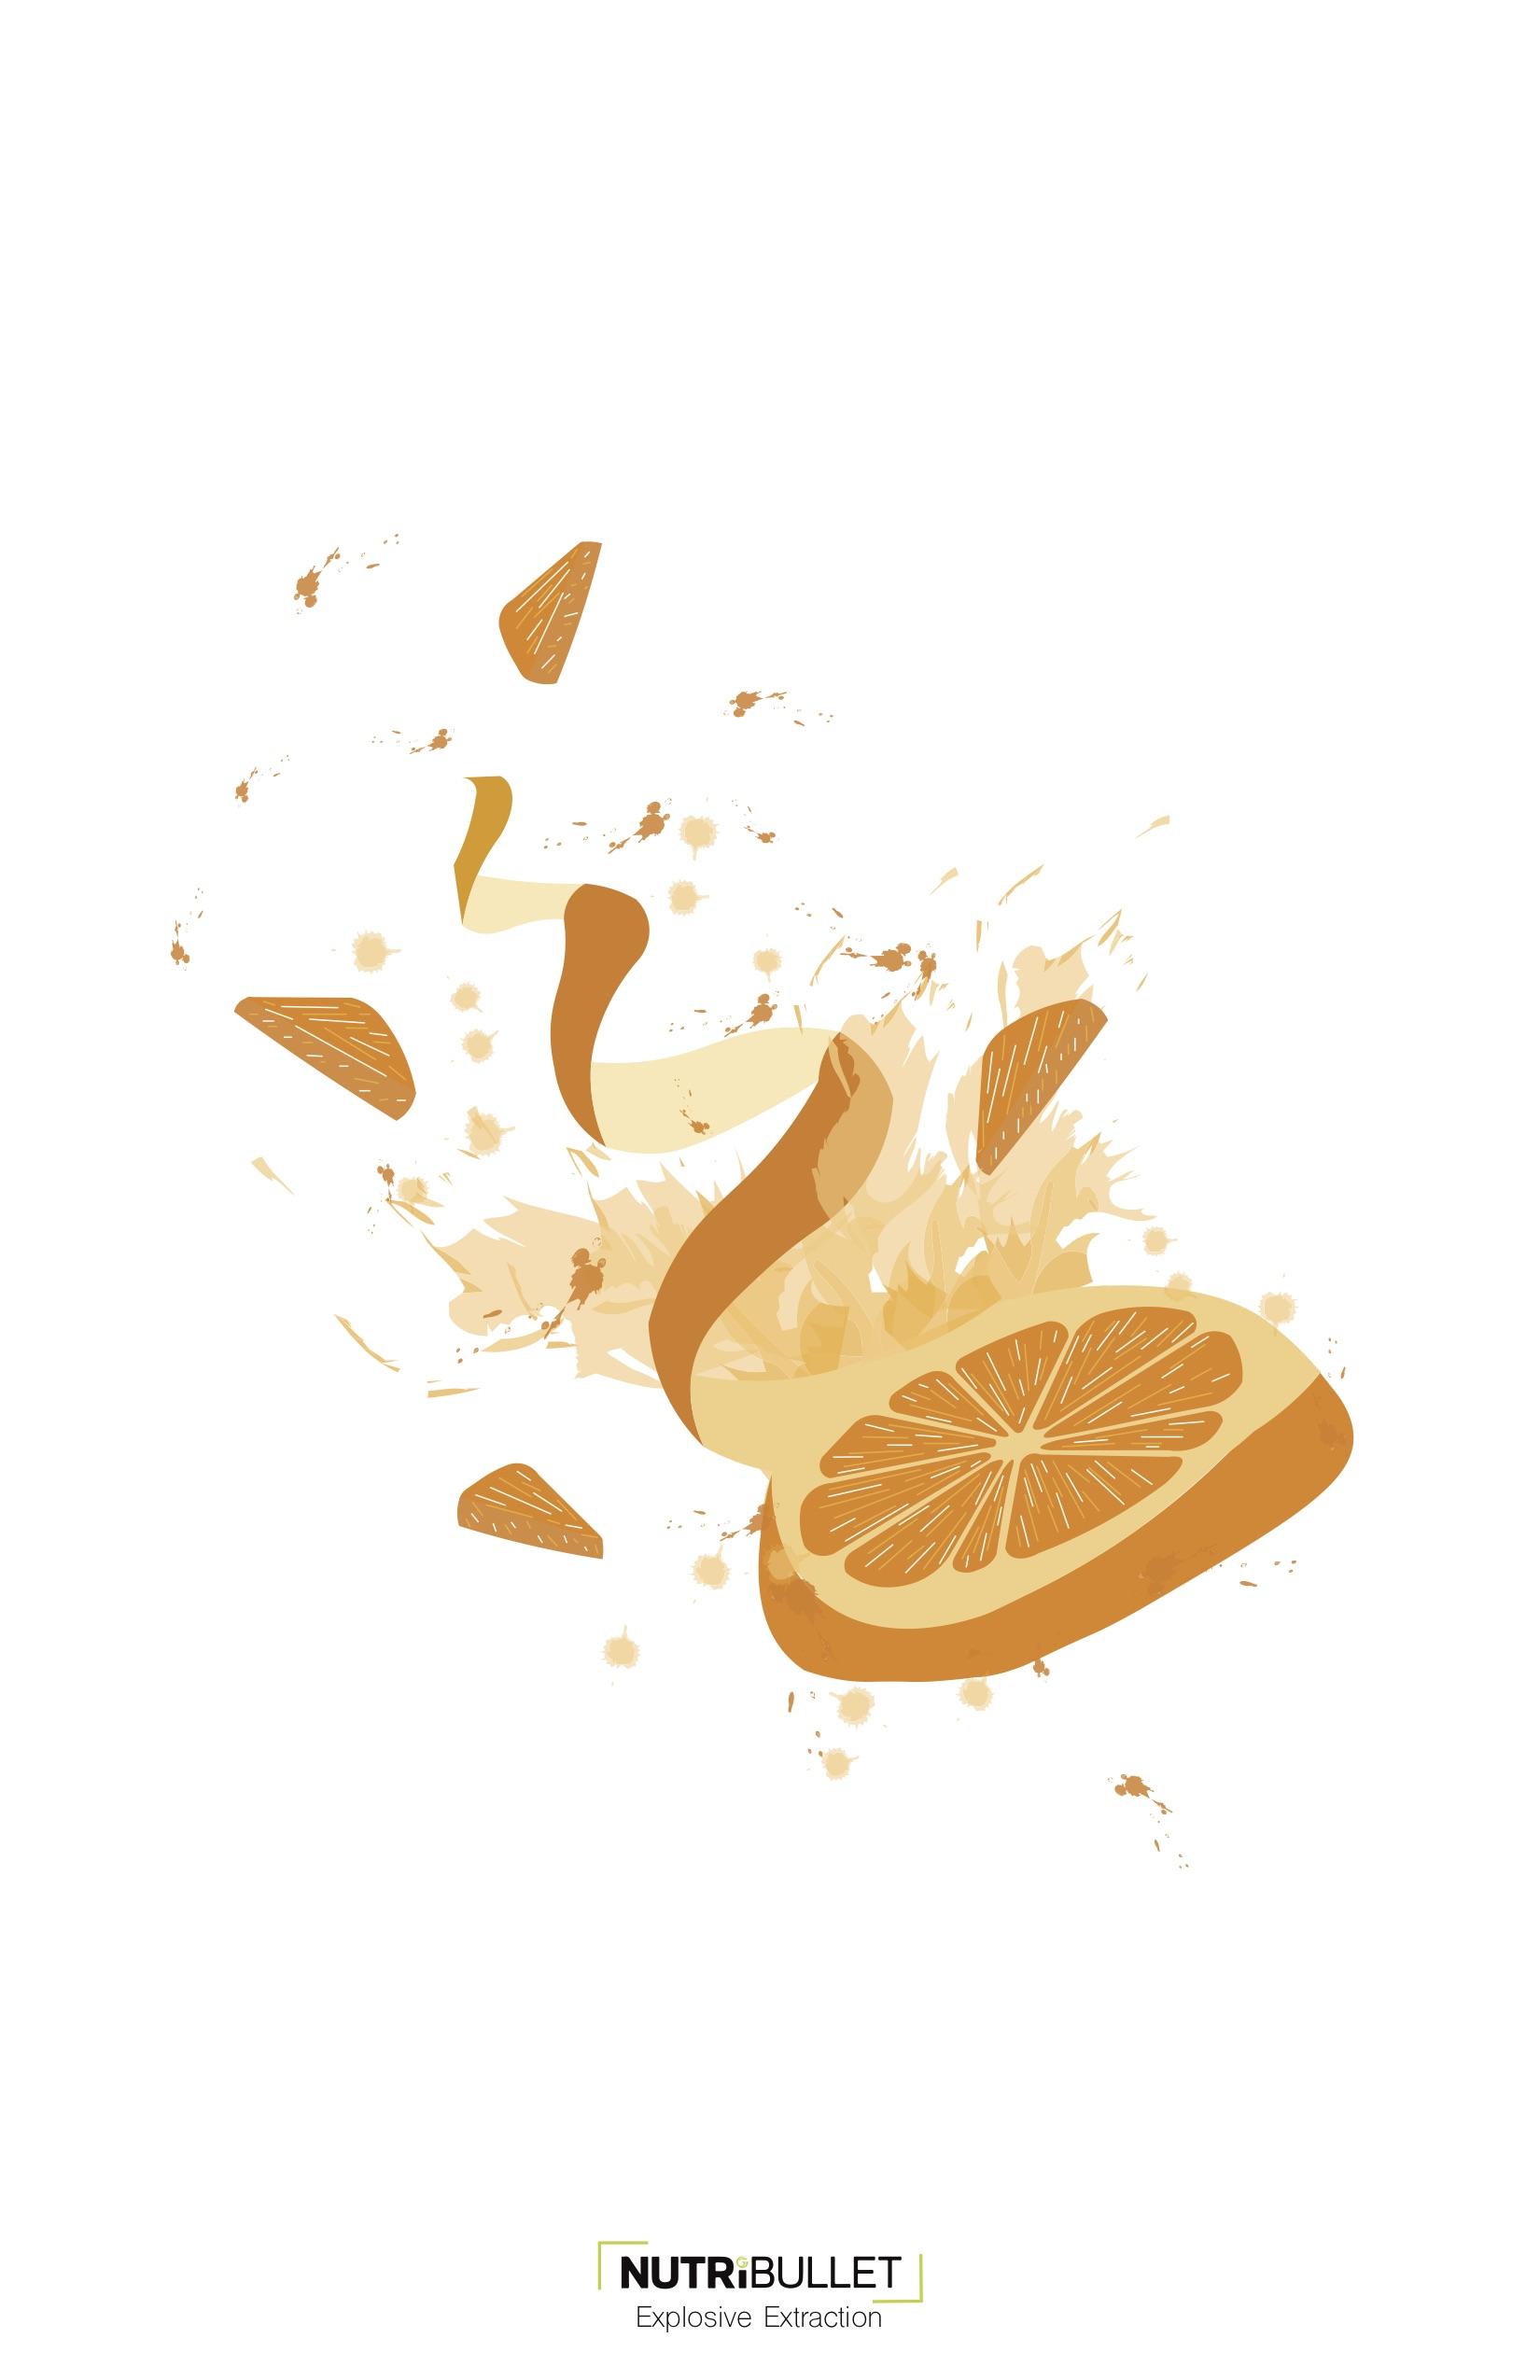 Nutribullet Orange with lines.jpg